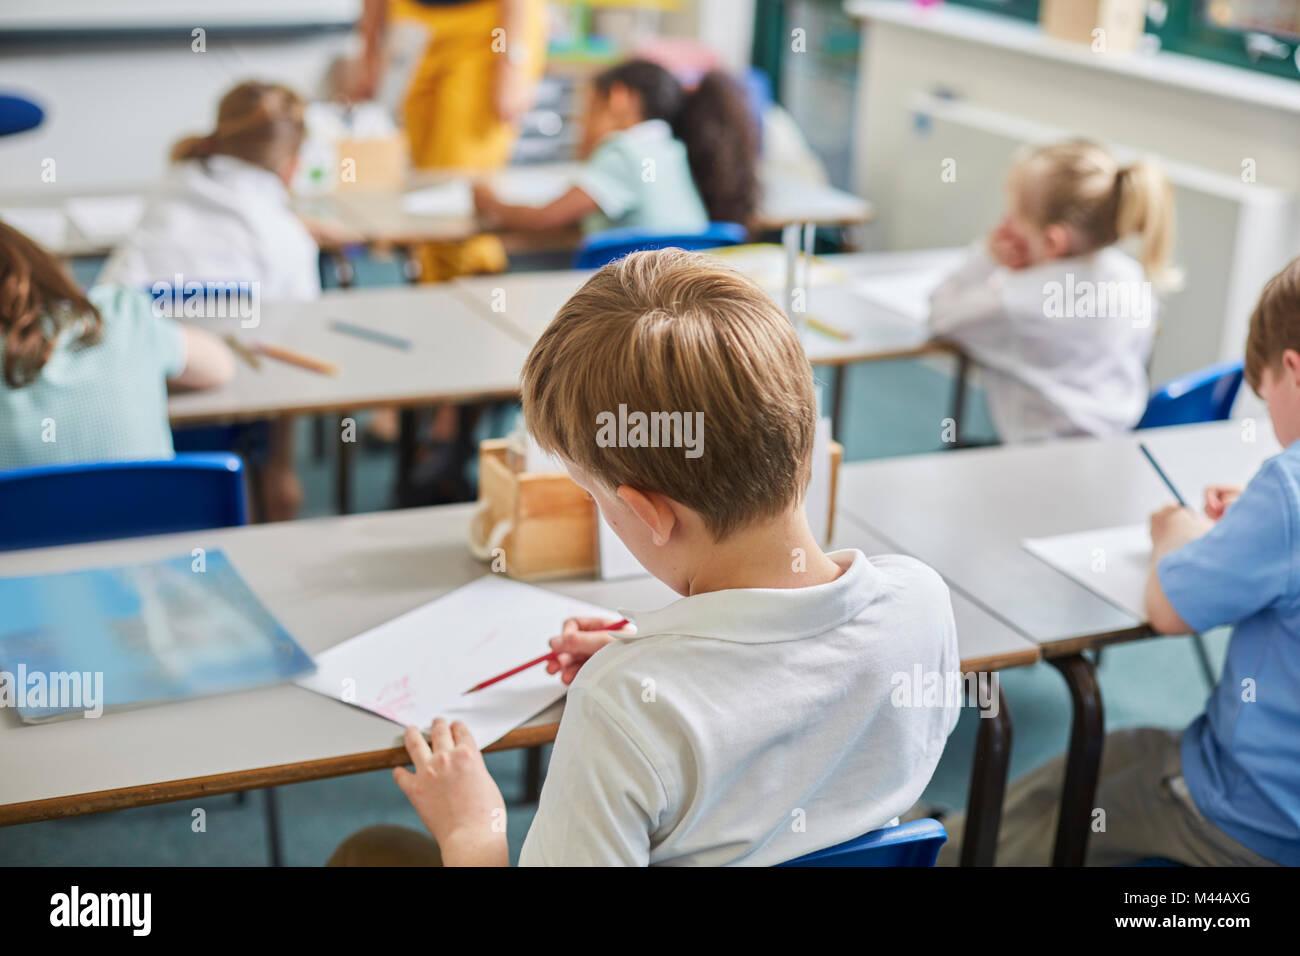 Escolar Primaria y chicas haciendo el trabajo escolar en el aula pupitres, vista trasera Imagen De Stock